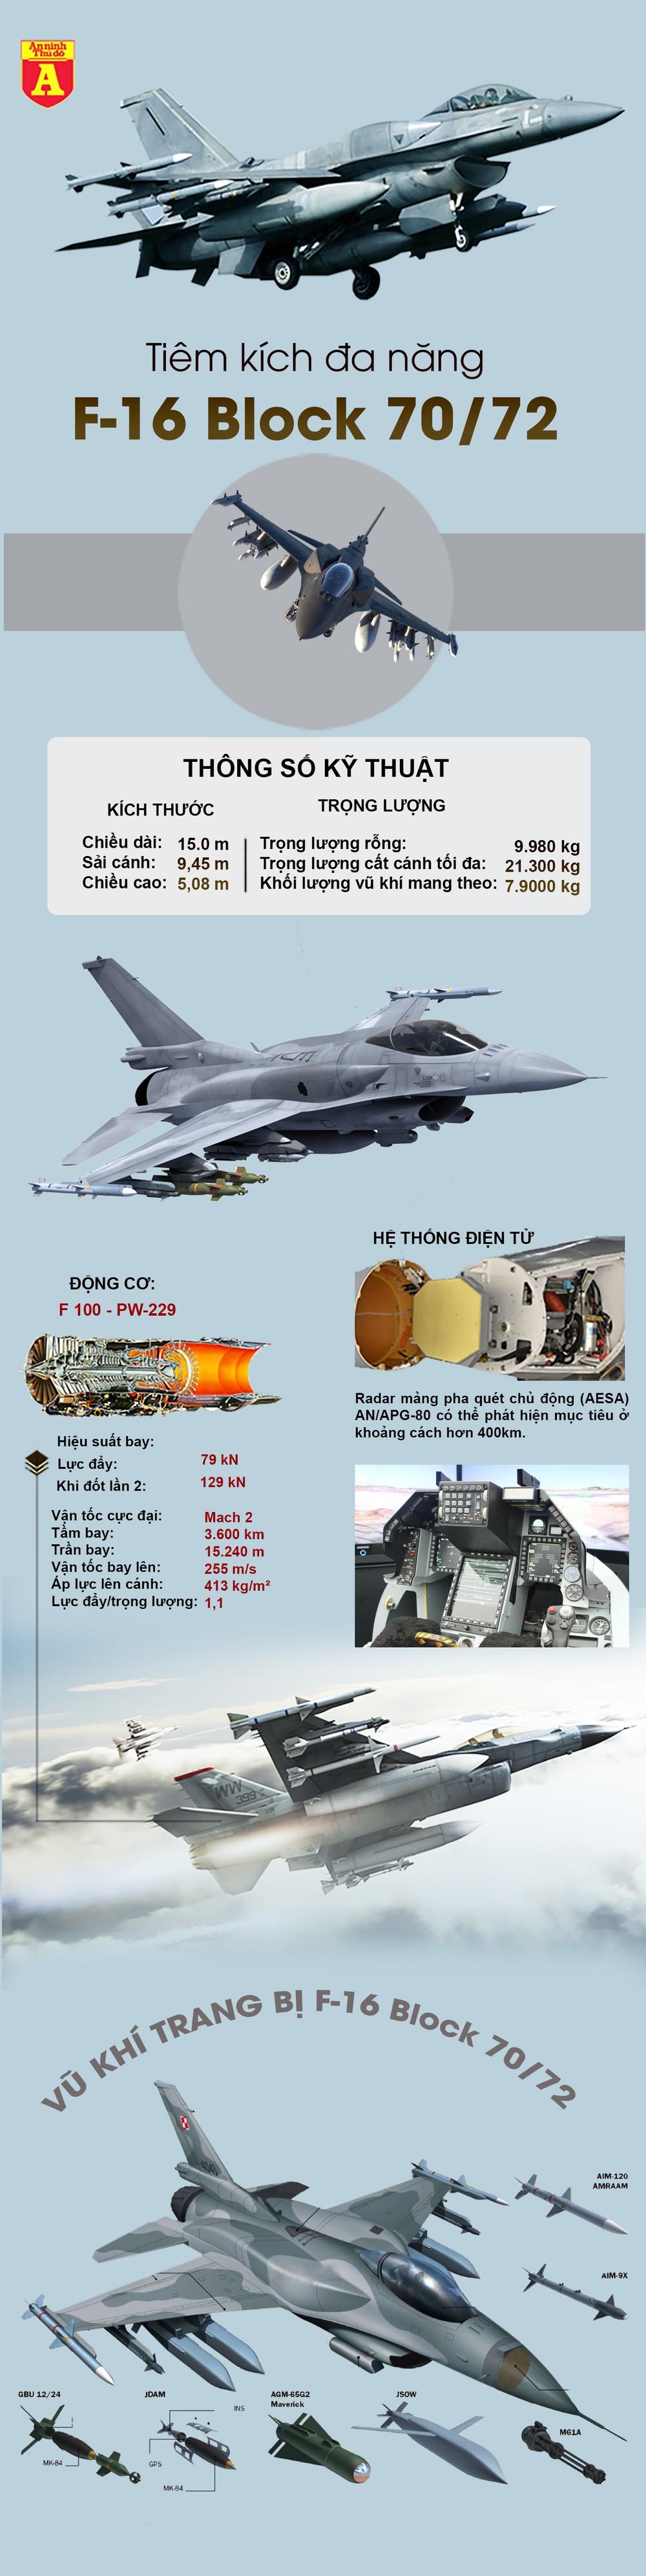 [Info] Mỹ chính thức sản xuất loạt phiên bản mạnh nhất của F-16 ảnh 2